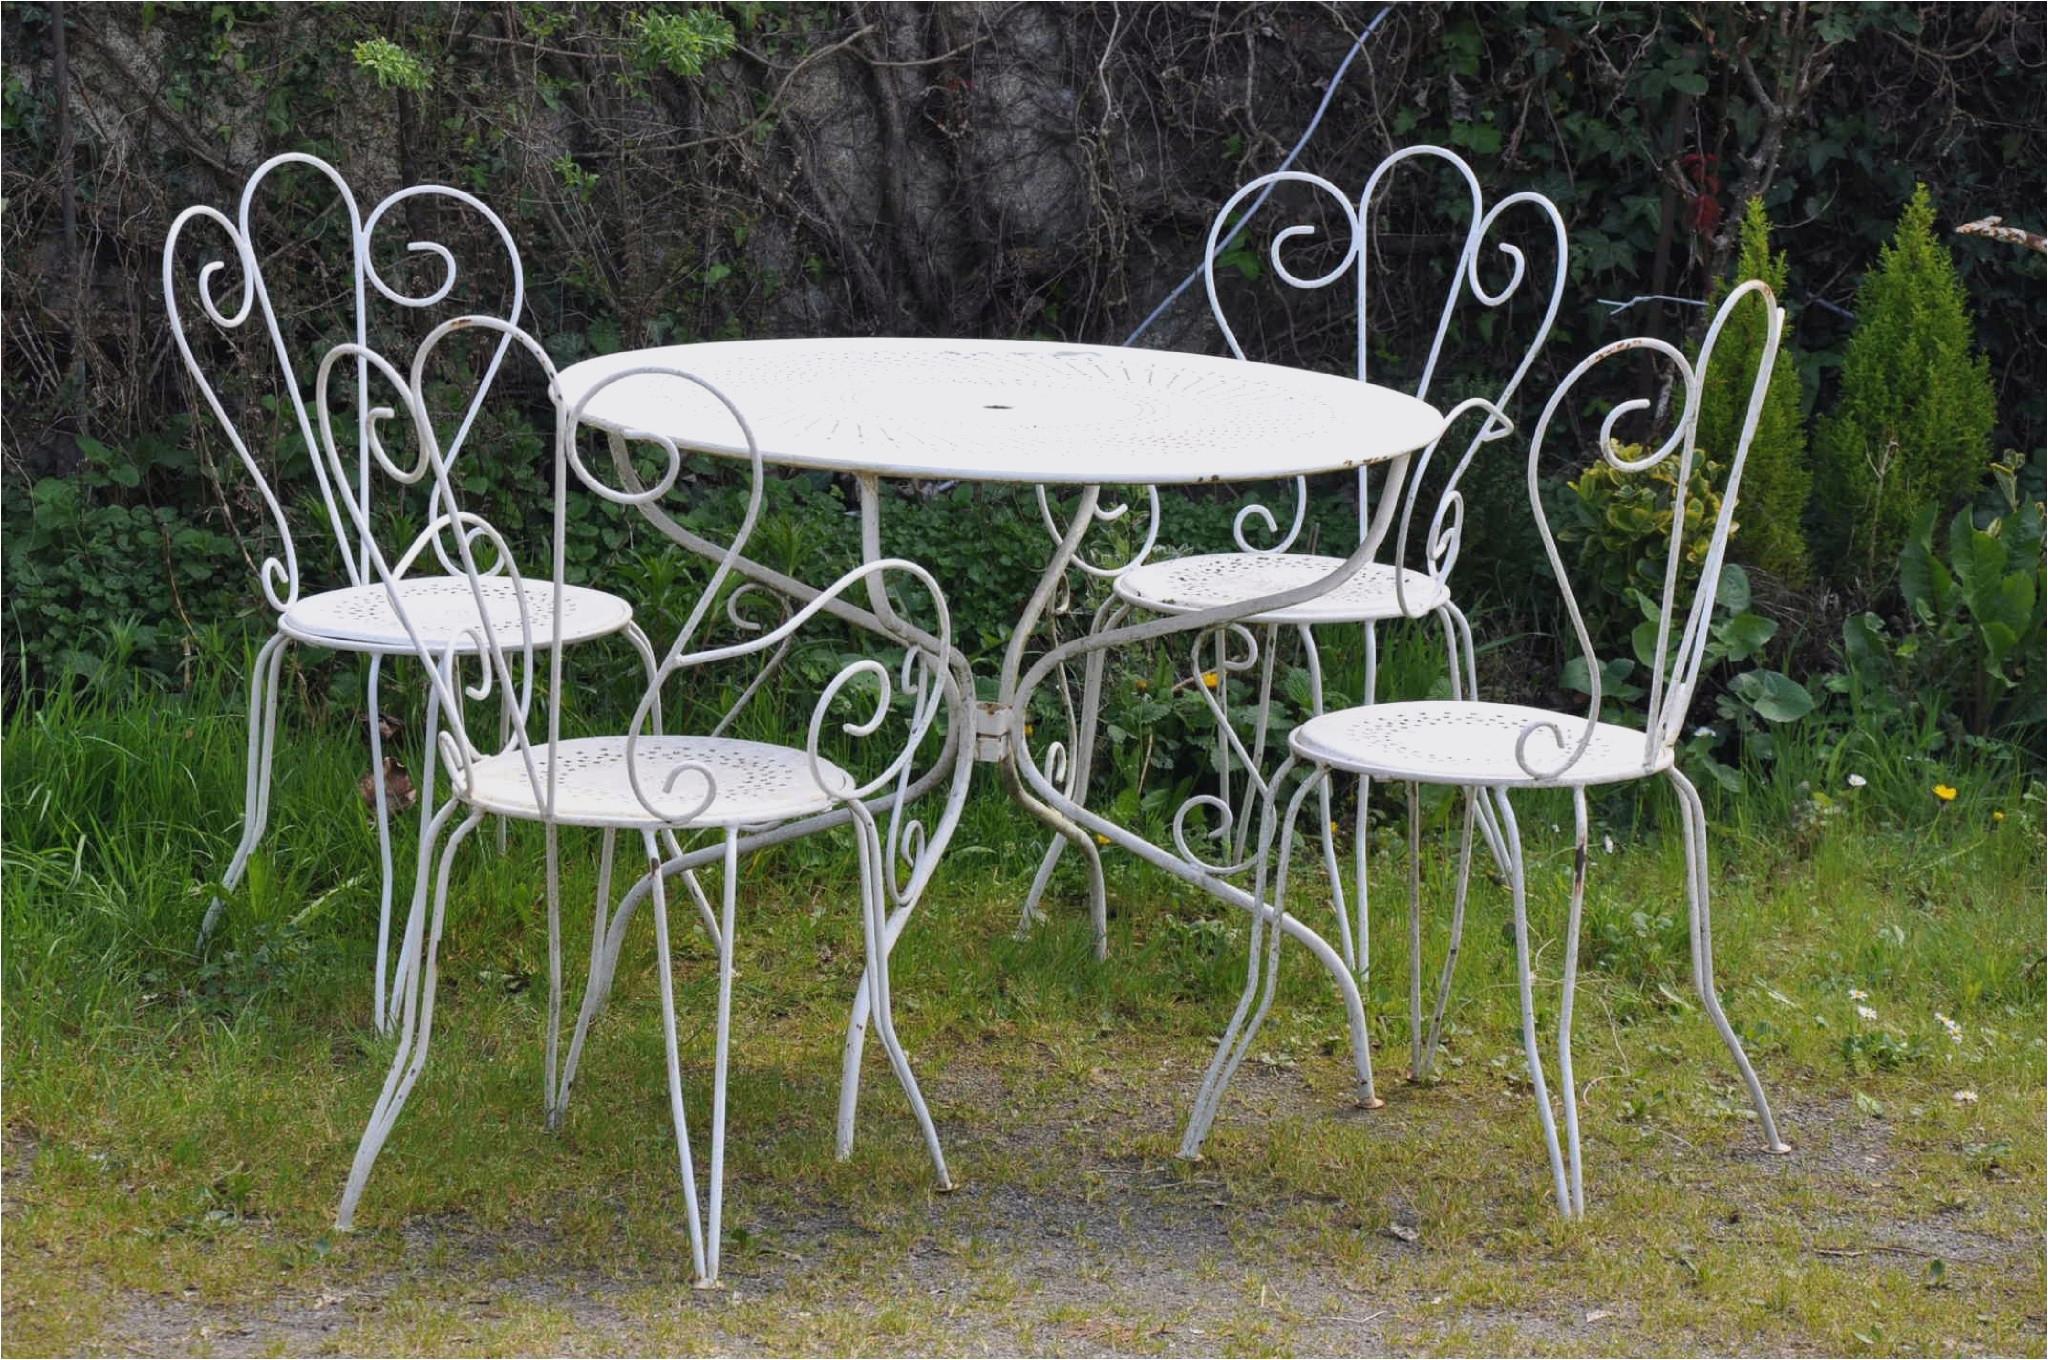 Transat Jardin Carrefour Impressionnant Photographie Chaise De Jardin Carrefour Avec Luxueux Transat Jardin Carrefour